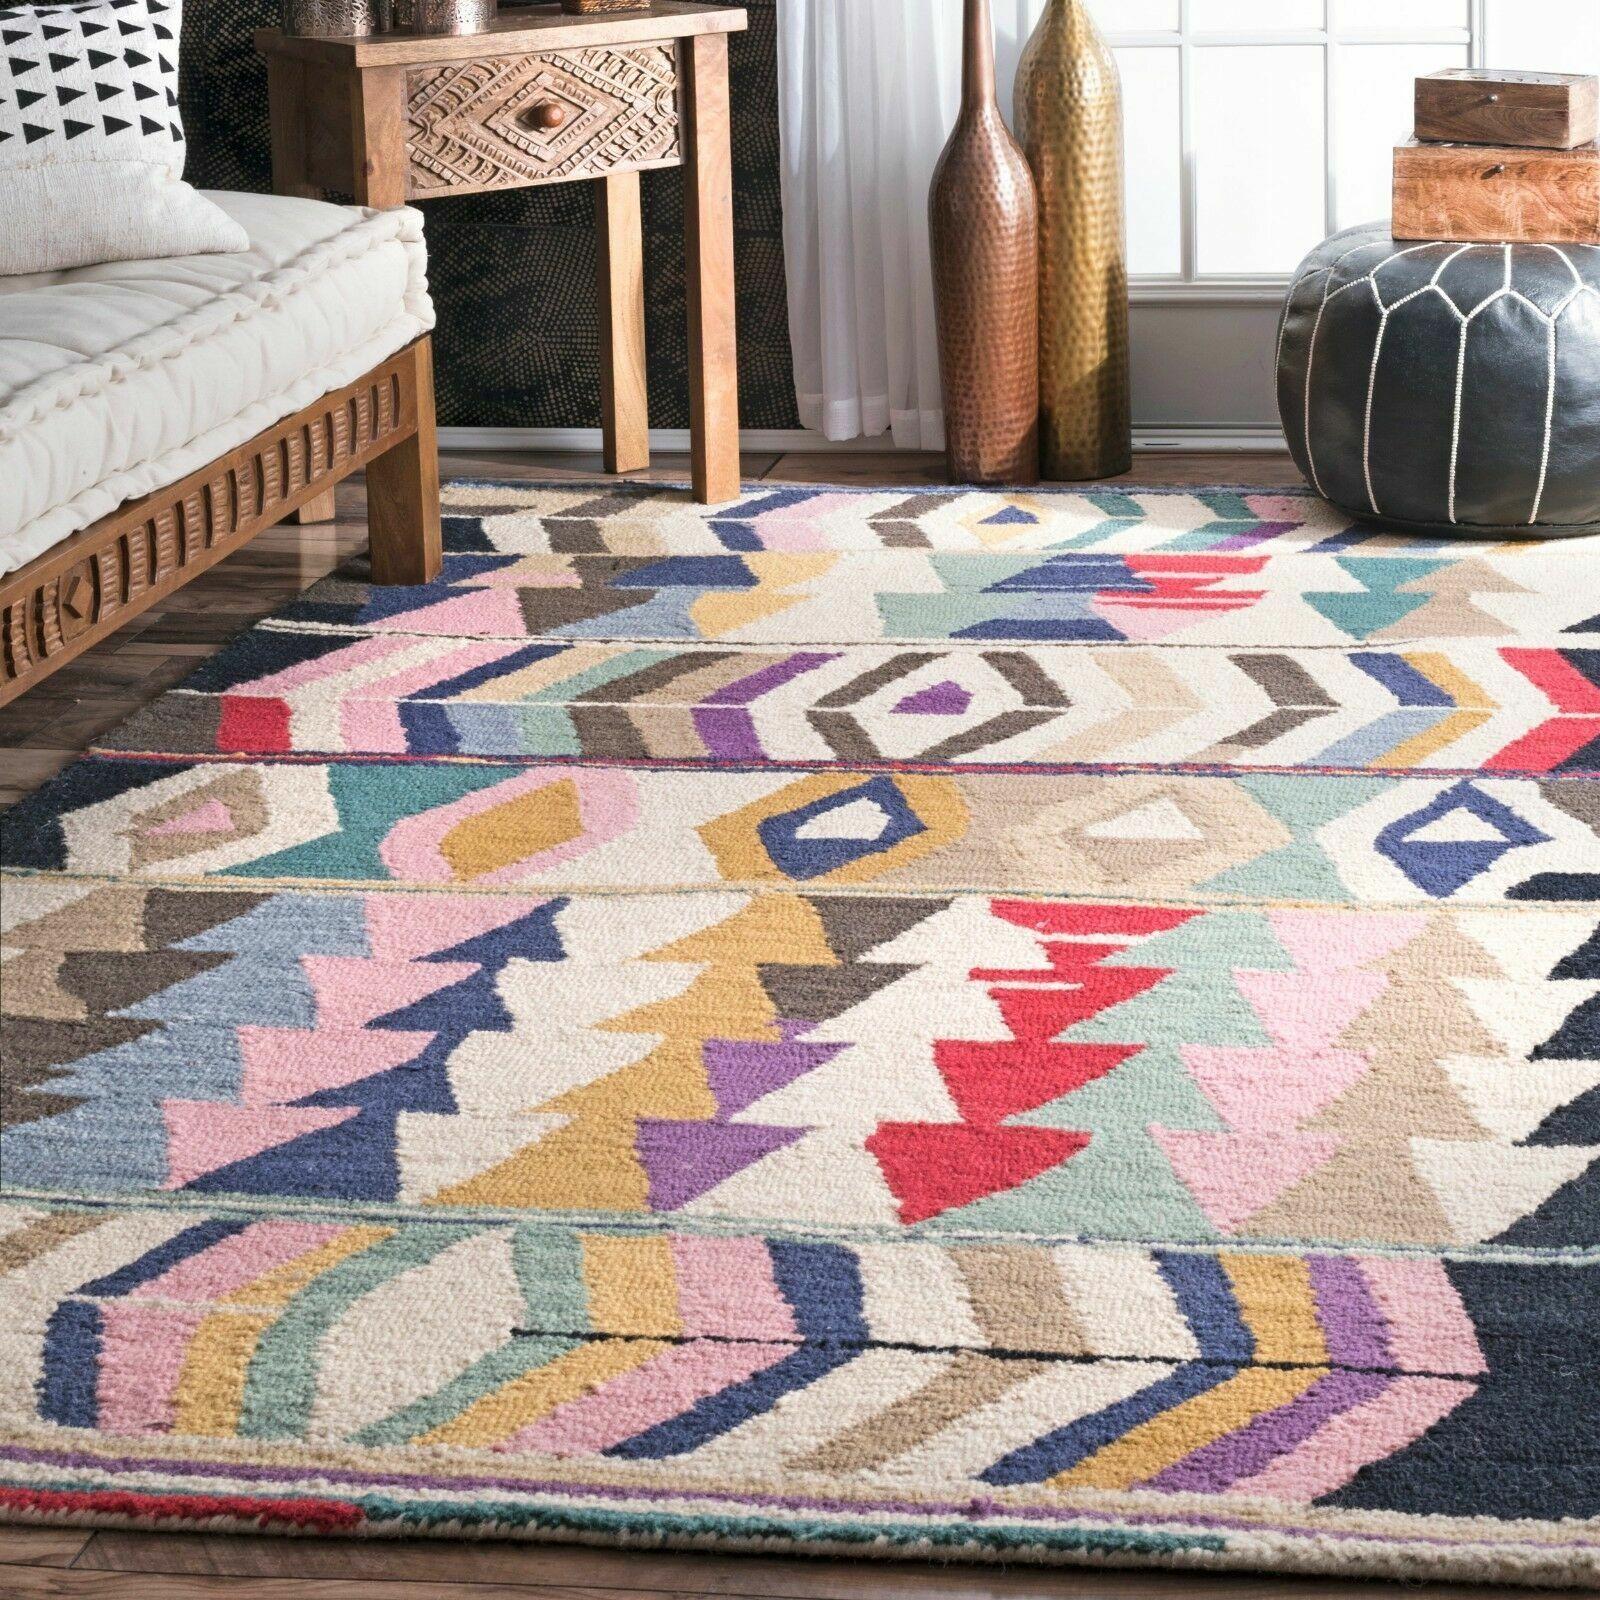 Nuloom Handmade Geometric Tribal Wool Area Rug In Blue Pink Red Black Mutli For Sale Online